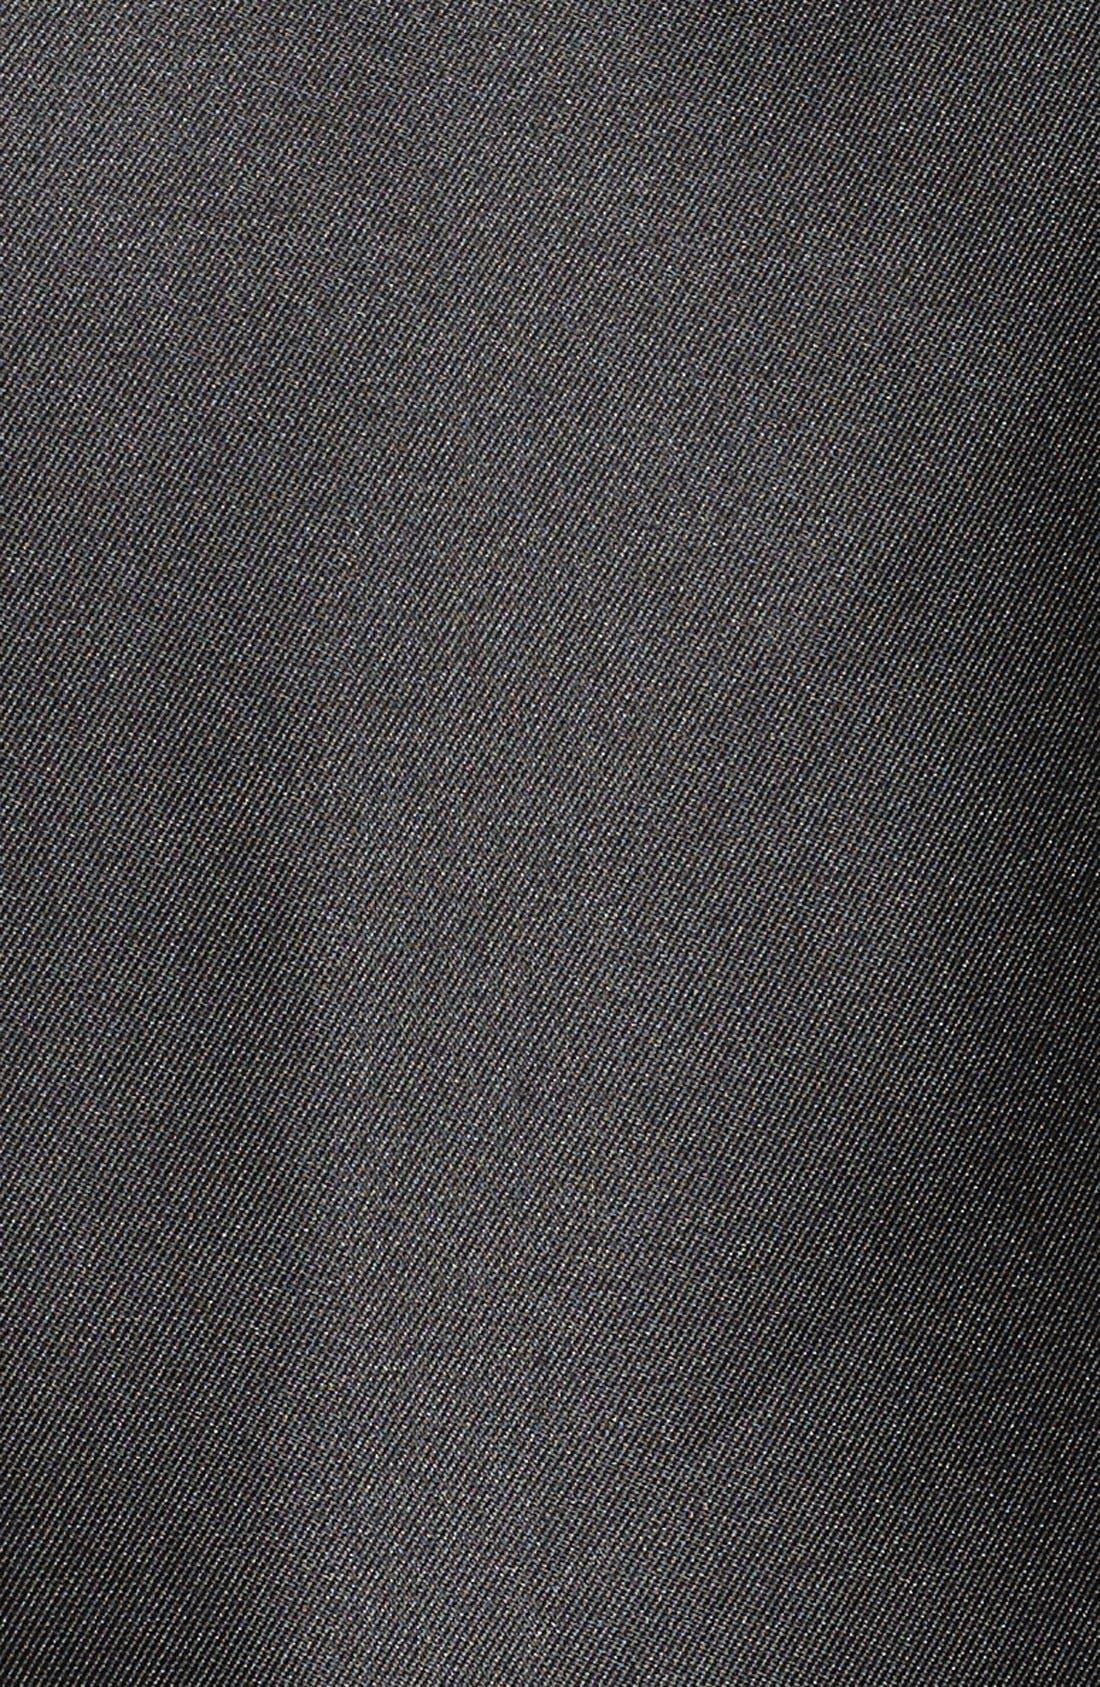 Alternate Image 5  - Adrianna Papell Arcadia Sleeveless High/Low Mikado Ballgown (Plus Size)